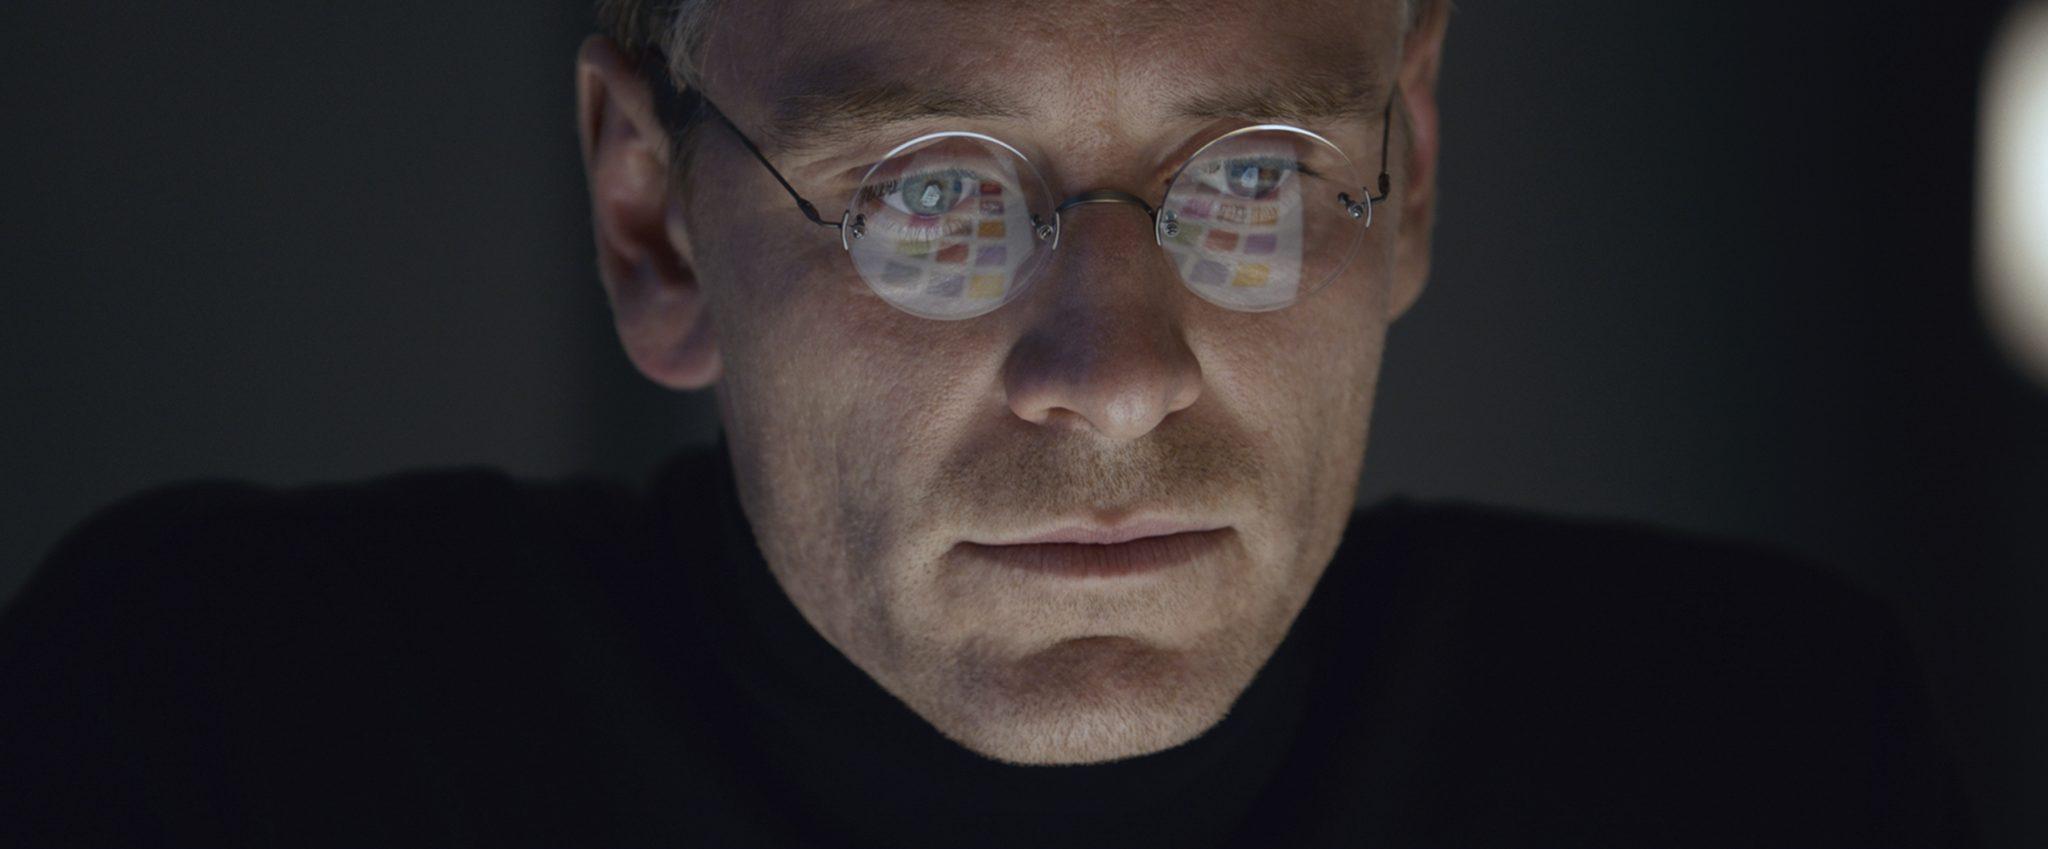 فاسبندر در این فیلم توانایی هایش را به رخ میکشد. نقاط تاریک شخصیت جابز را به نحوی به تصویر میکشد که کاملا باور پذیر است